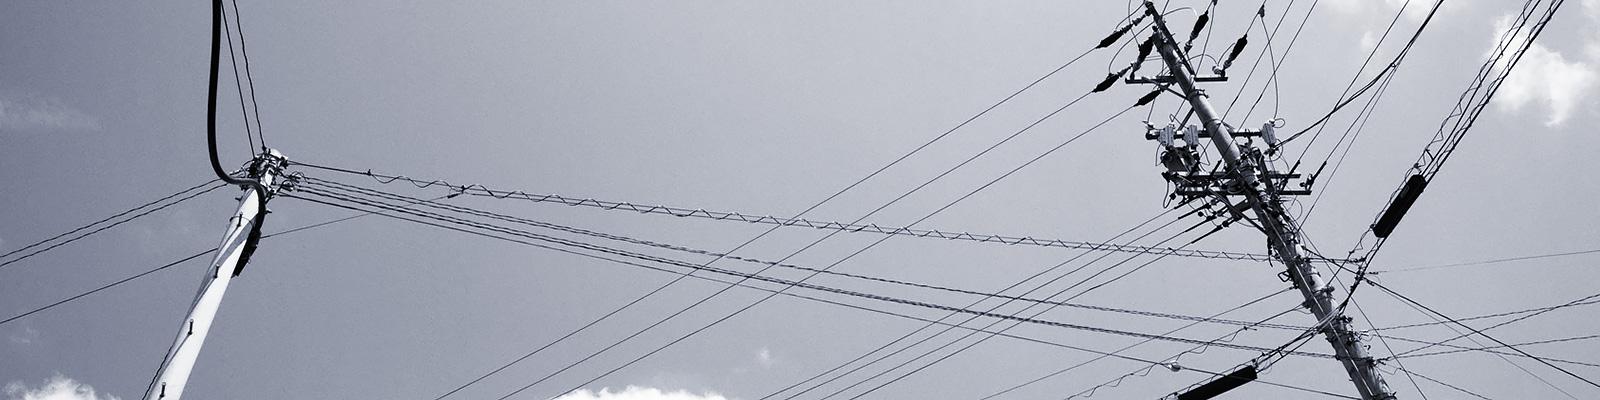 電柱 通信 イメージ